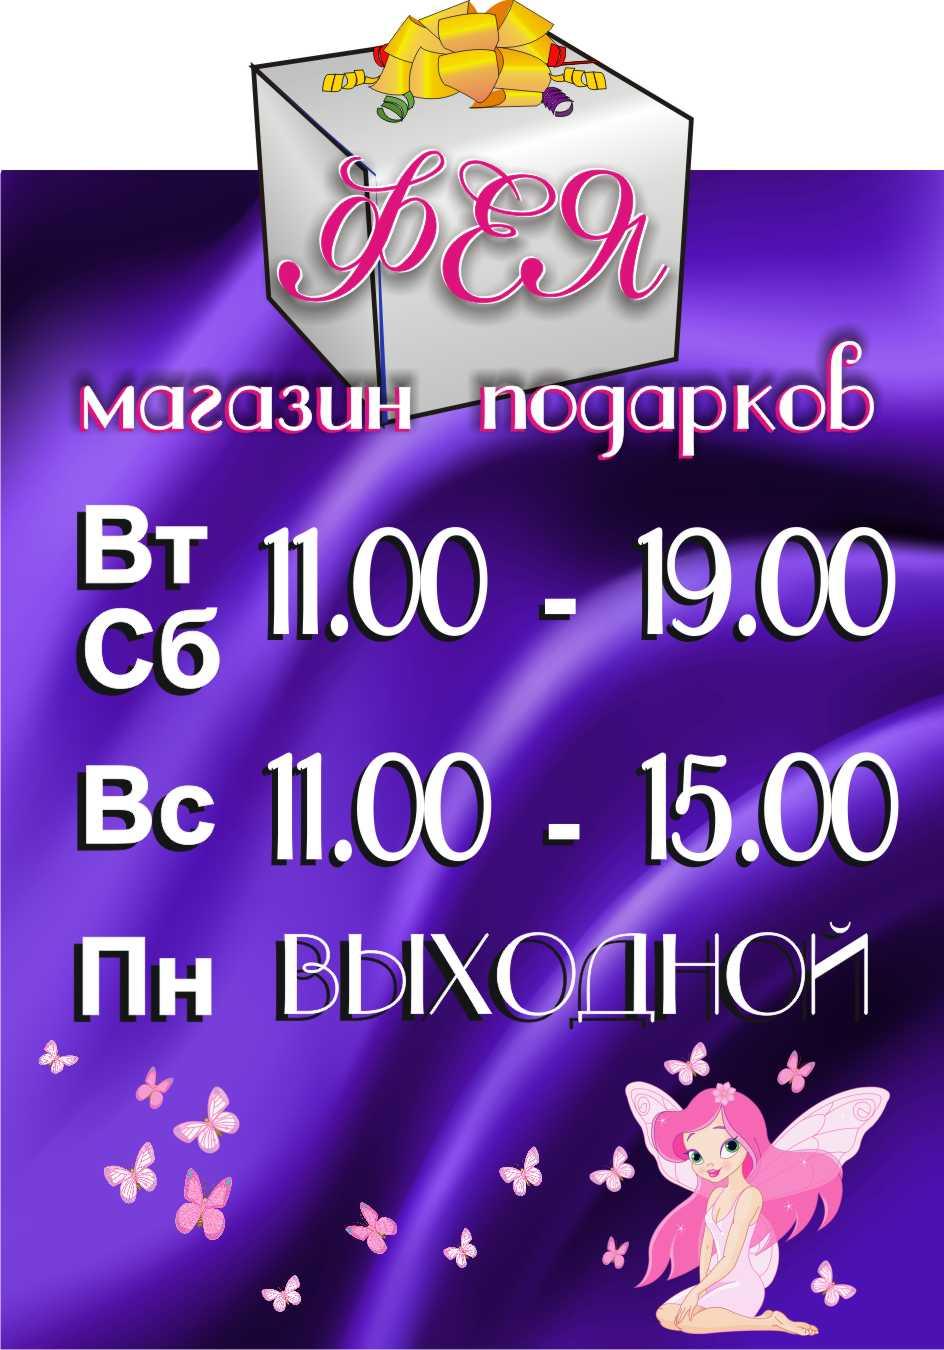 Магазин Фея Казань Режим Работы